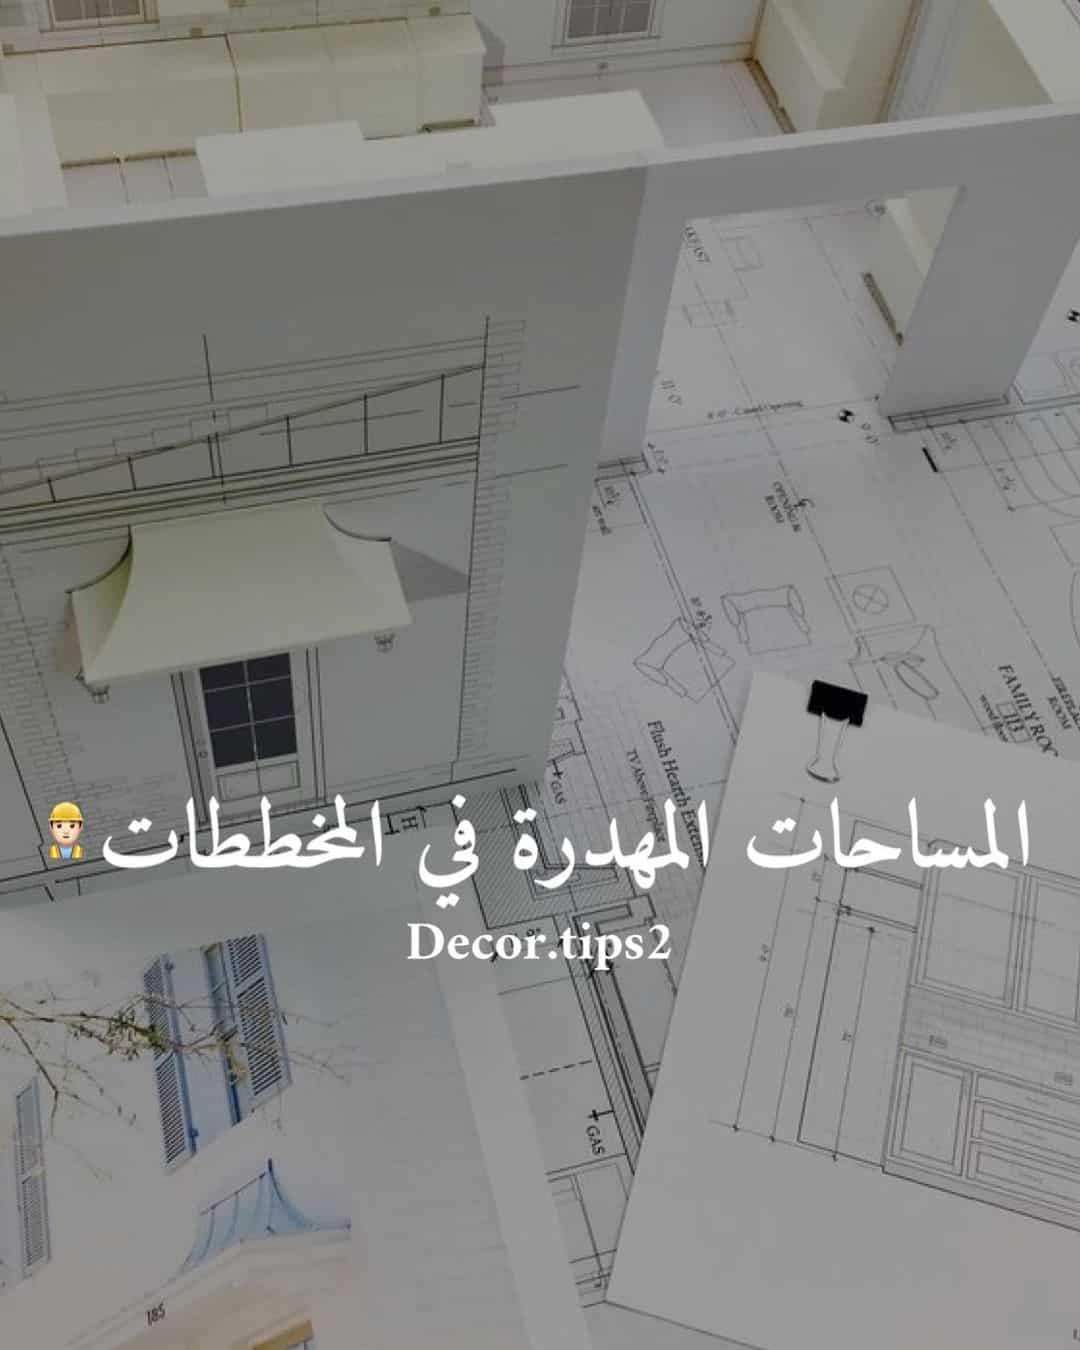 . . مساء الخير يا أصحاب ف موضوع اليوم  راح اتكلم عن  في مخططاتنا الي تكلفنا…